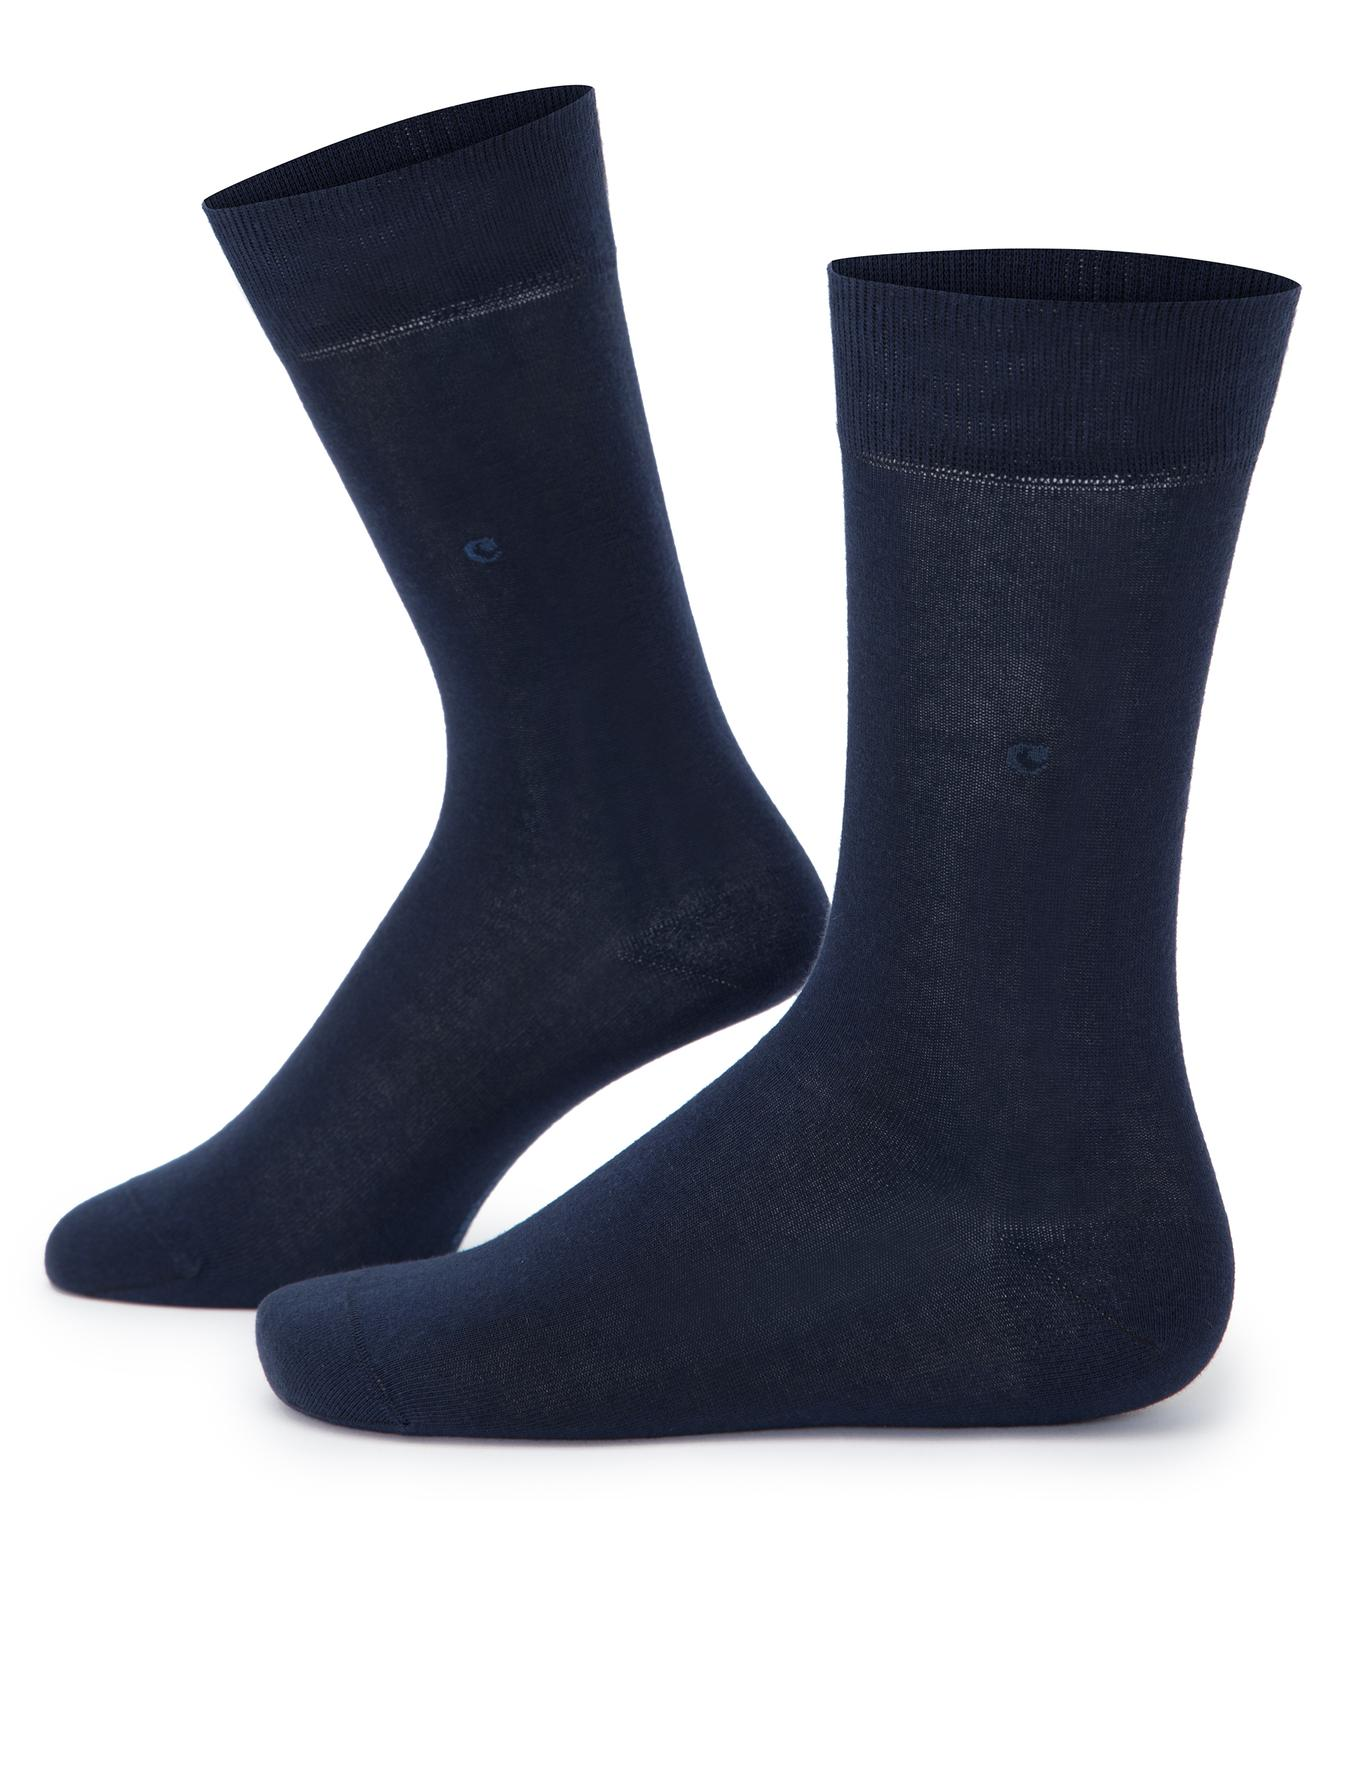 Lacivert Çorap - 50233843004